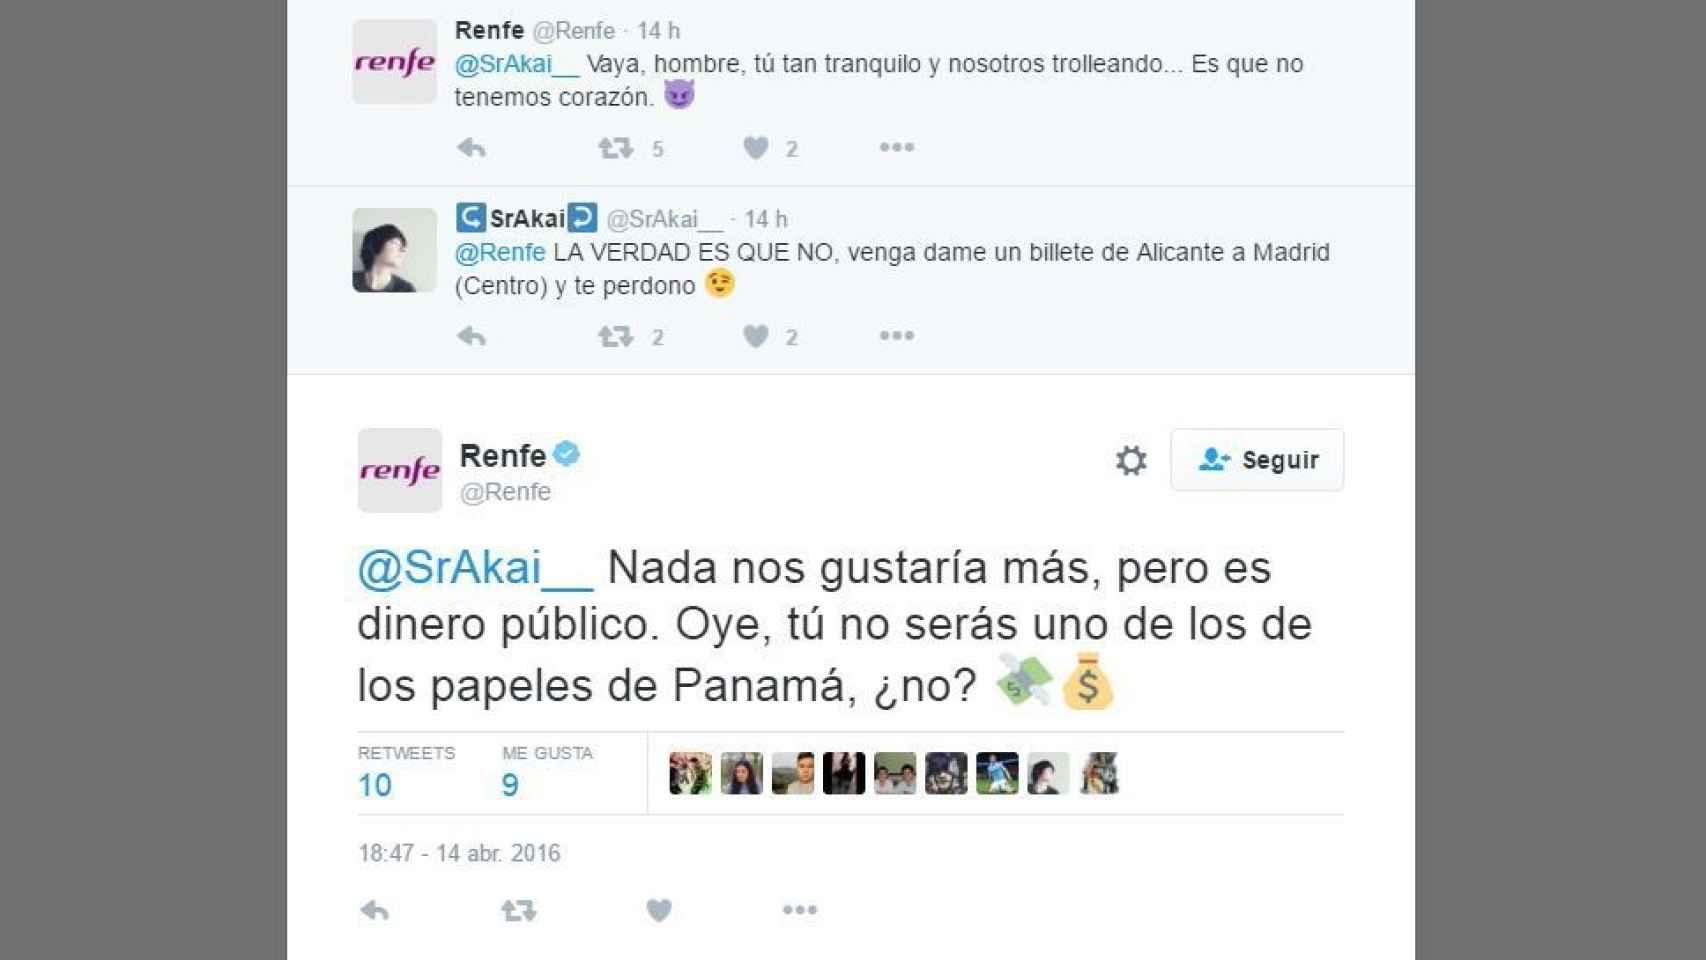 """La cuenta de Twitter de Renfe """"trolea"""" a un usuario"""